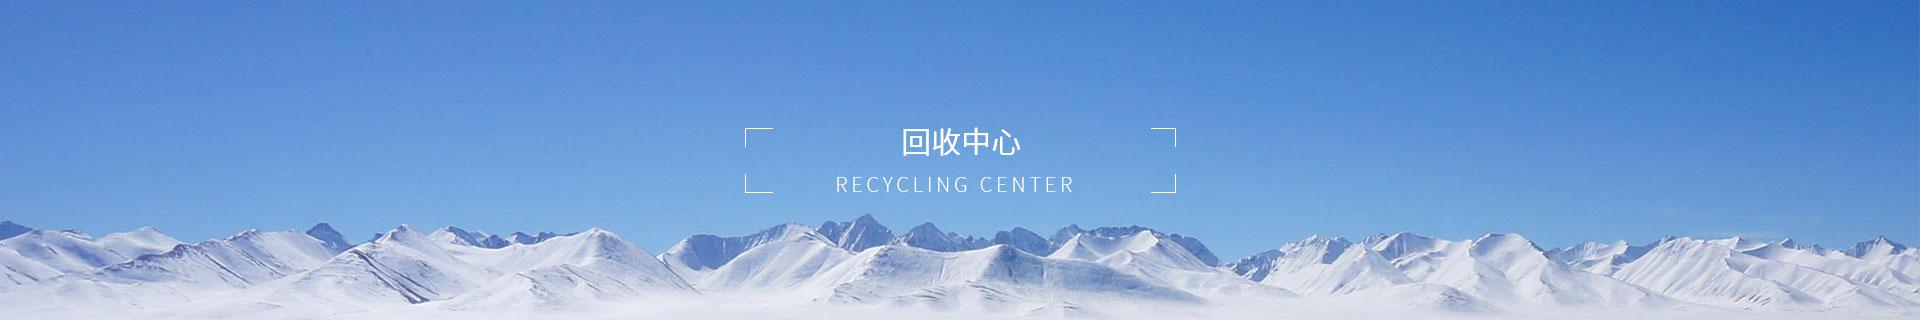 废品回收中心